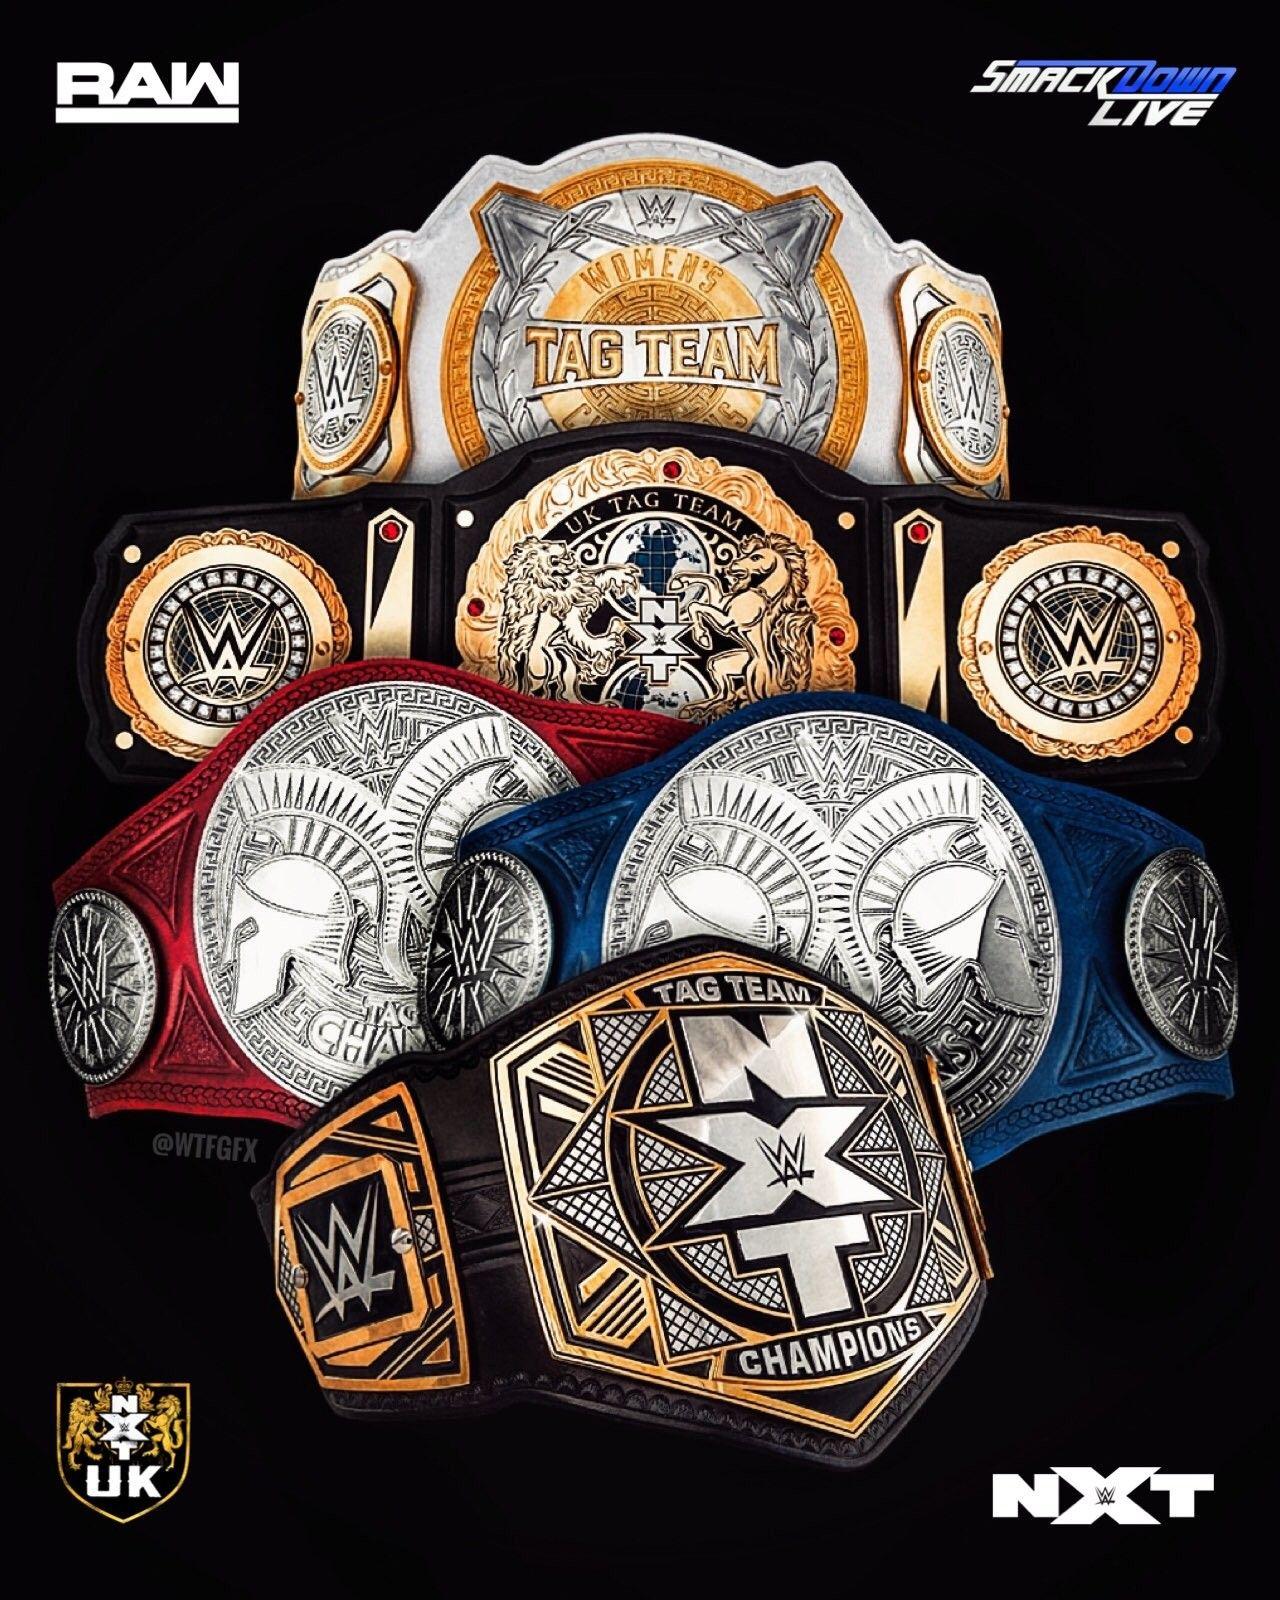 Pin On Wwe Raw Sd Uk Nxt Champion